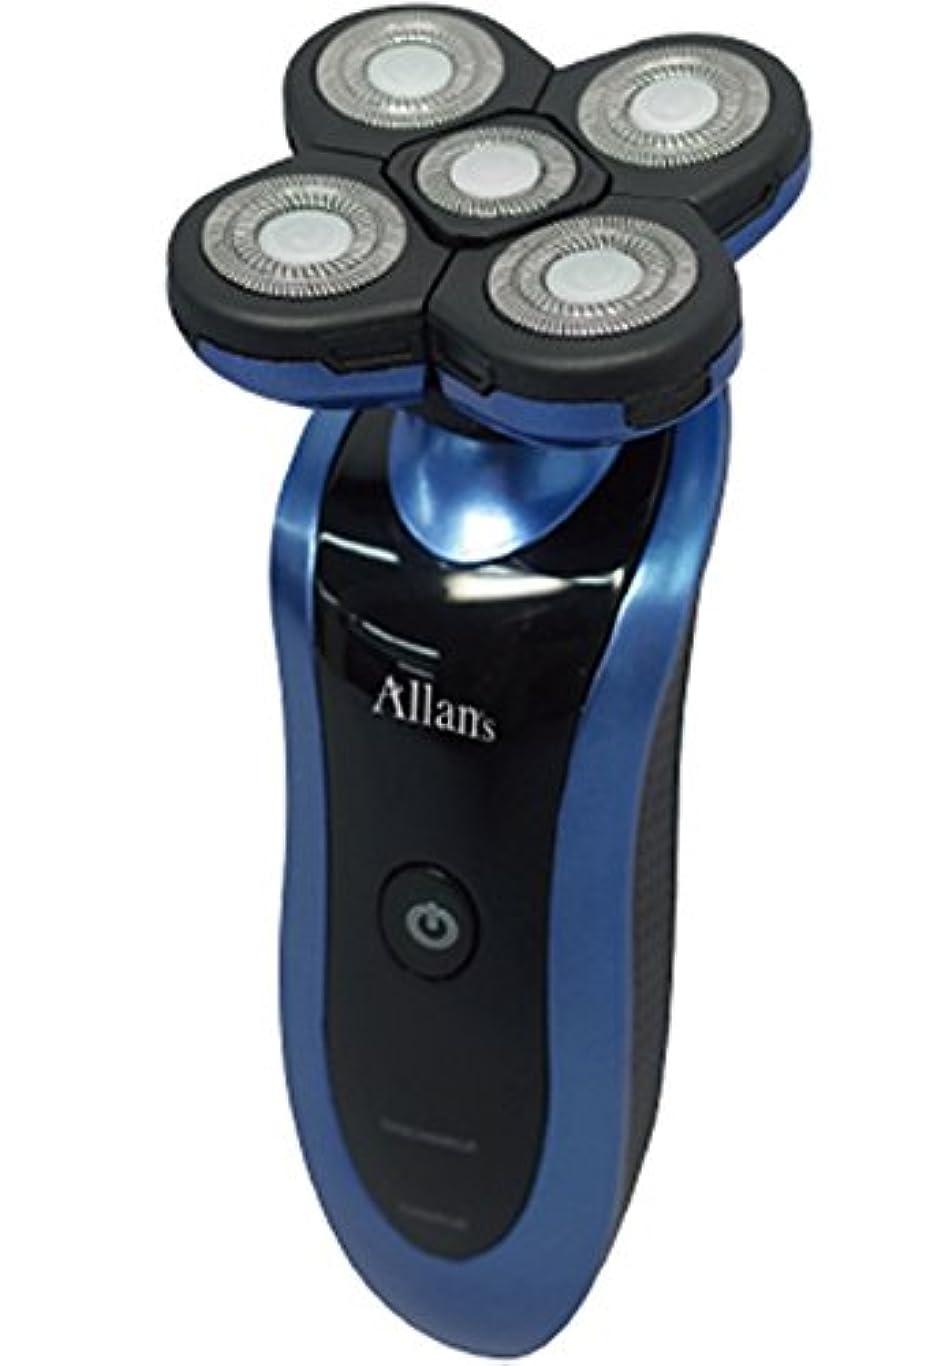 常習者くるみ遠いAllans 回転式 5枚刃 ブレード 洗える 充電 電動 髭剃り ウォッシャブル メンズ シェーバー MEBM-26